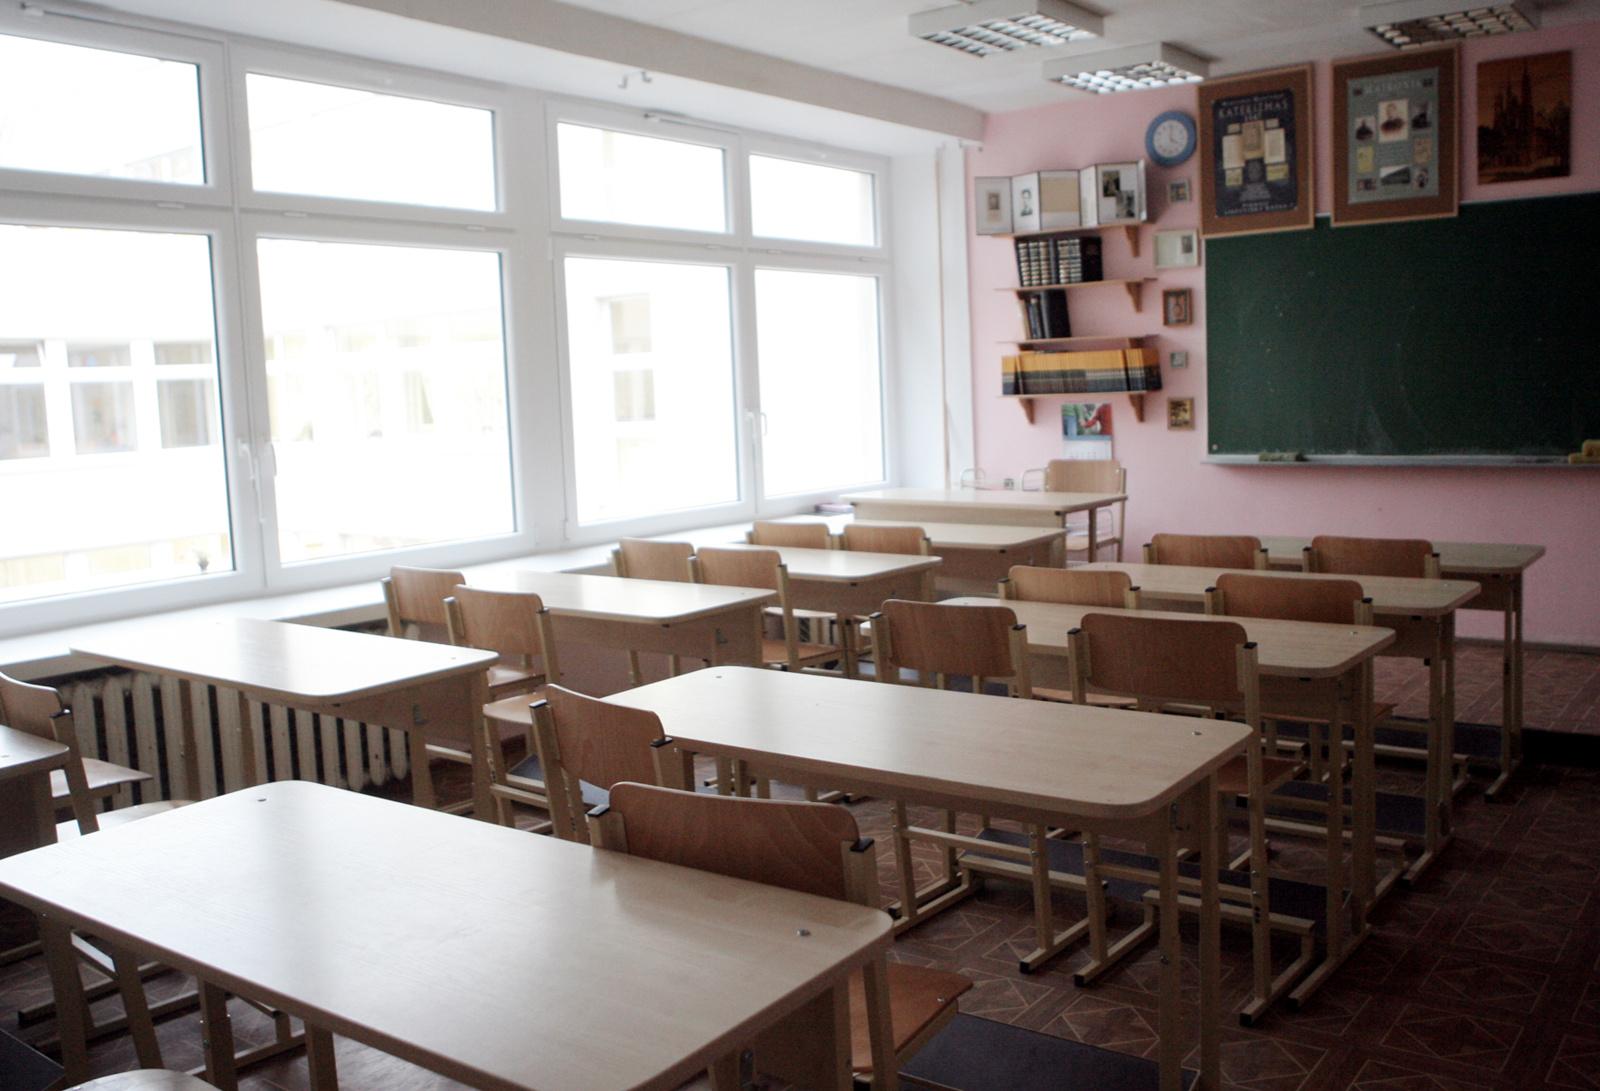 Aiškina valstybės praturtėjimo receptą – viskas prasideda dar mokyklos suole